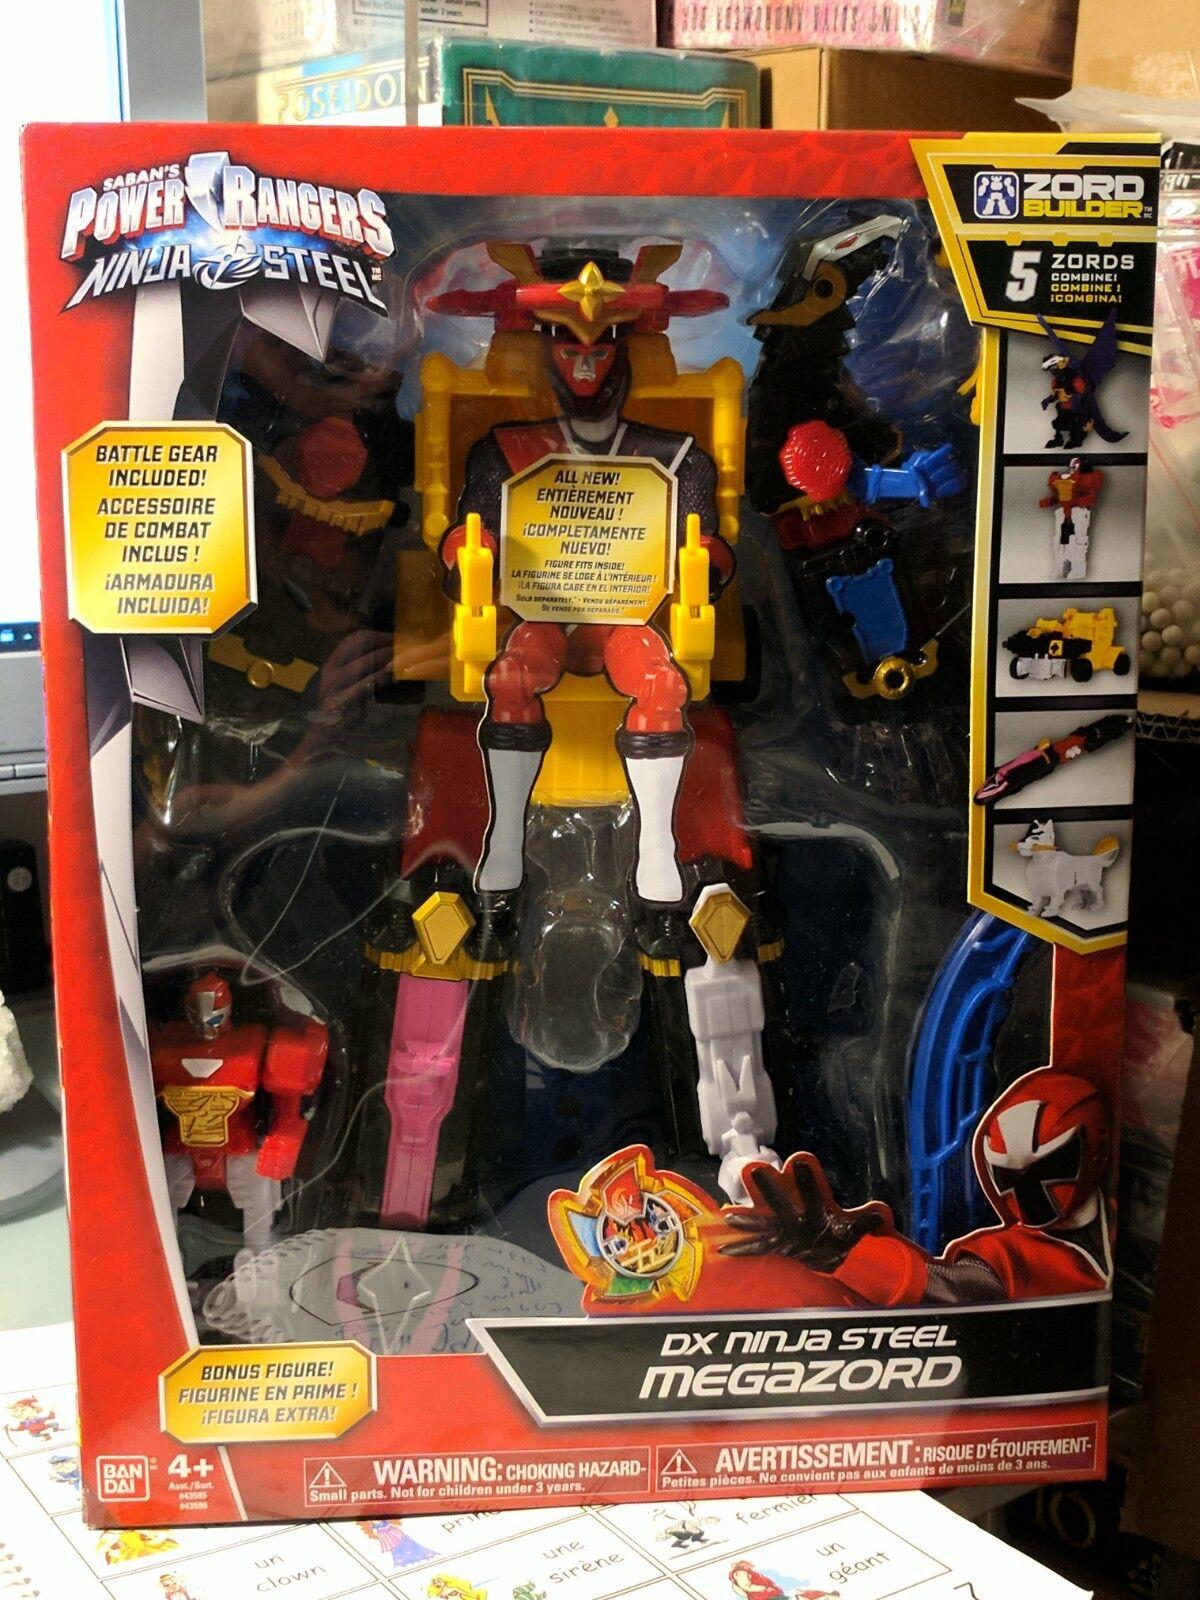 Power Rangers Ninja Steel Deluxe DX Megazord With Battle Gear Gear Gear & Bonus Figure NEW ba3c35